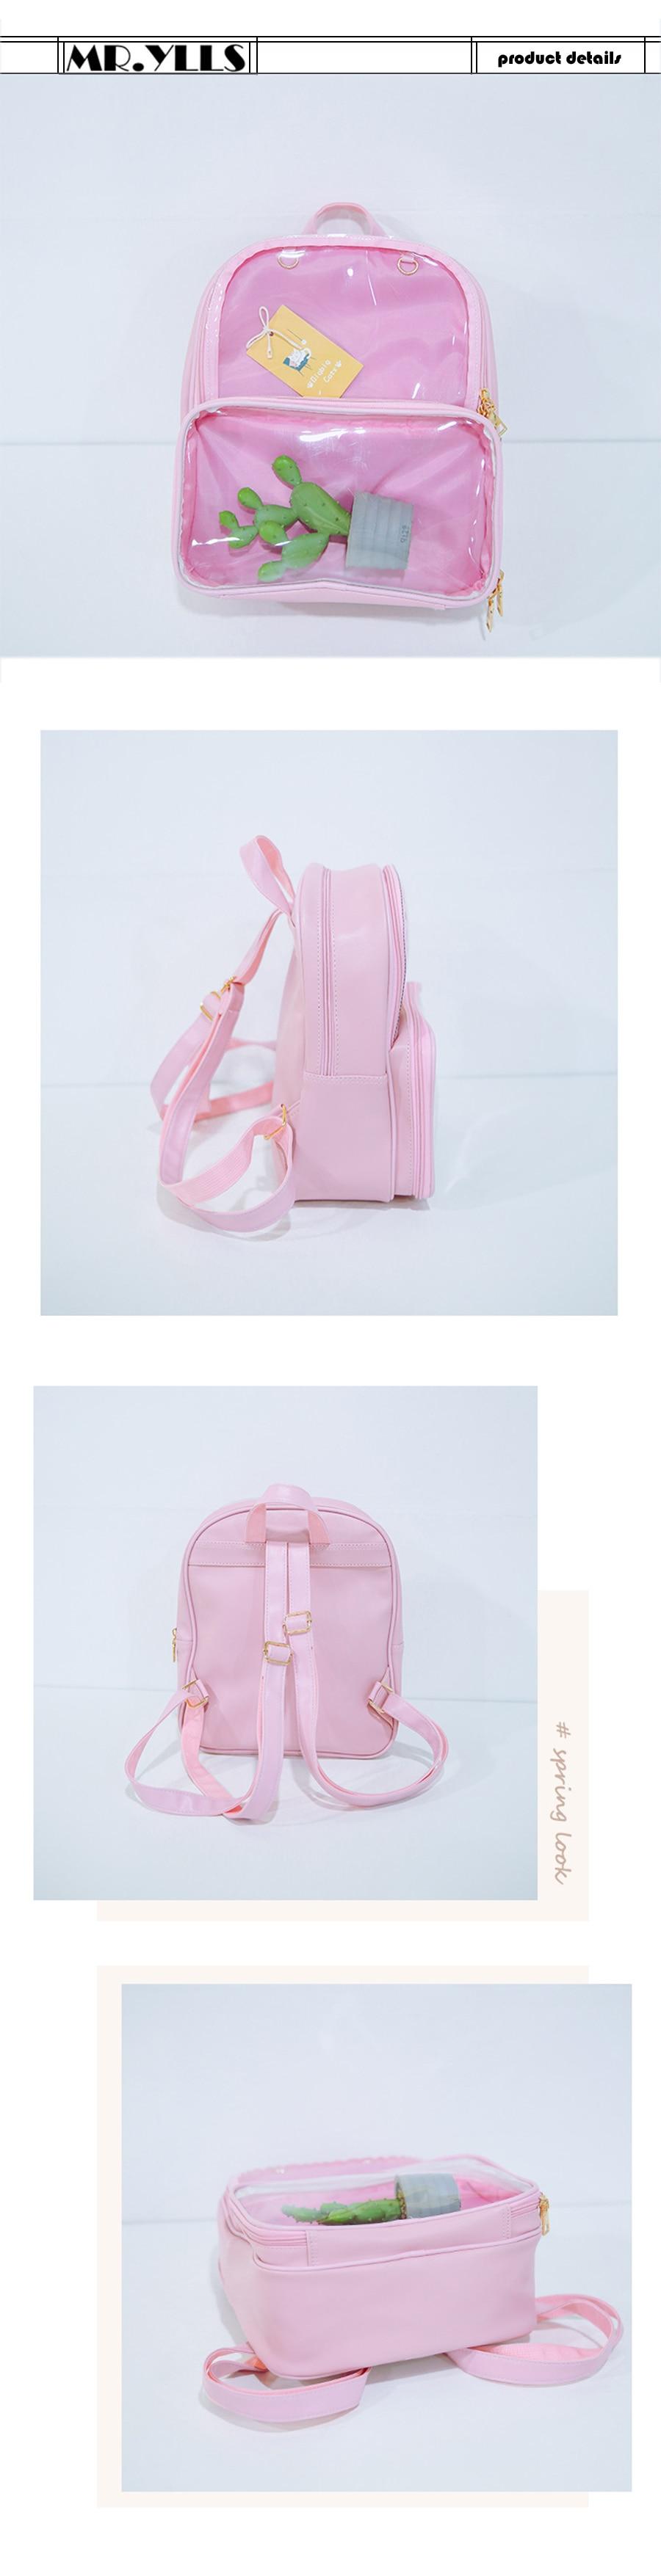 cor estudante schoolbags moda ita adolescente meninas